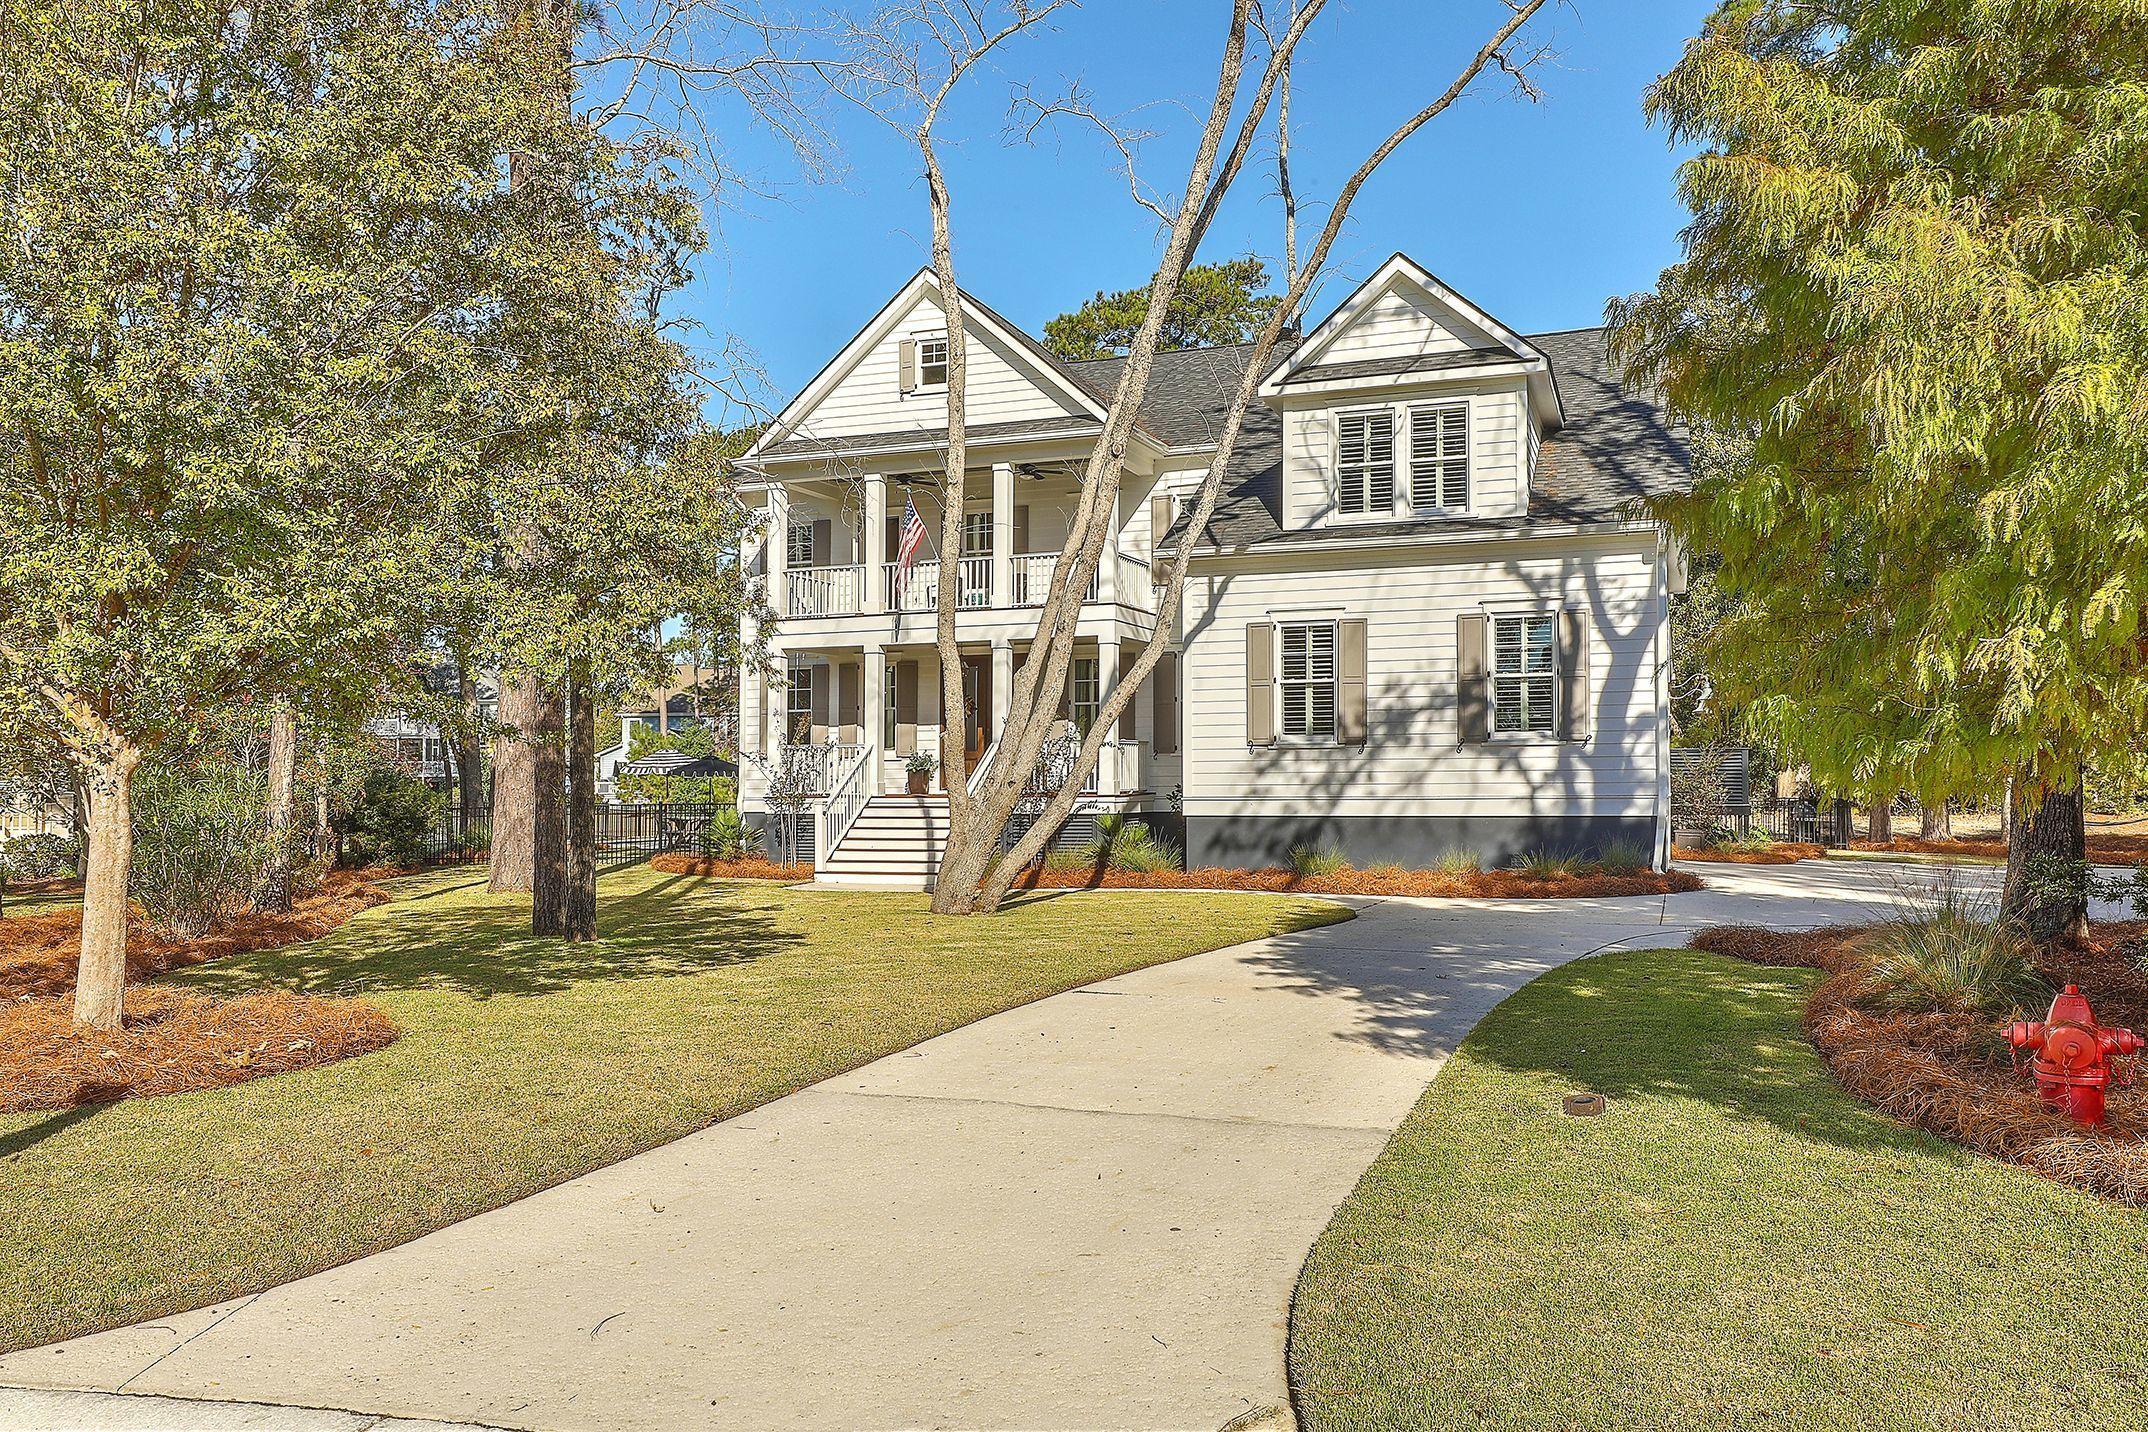 Park West Homes For Sale - 1587 Capel, Mount Pleasant, SC - 77